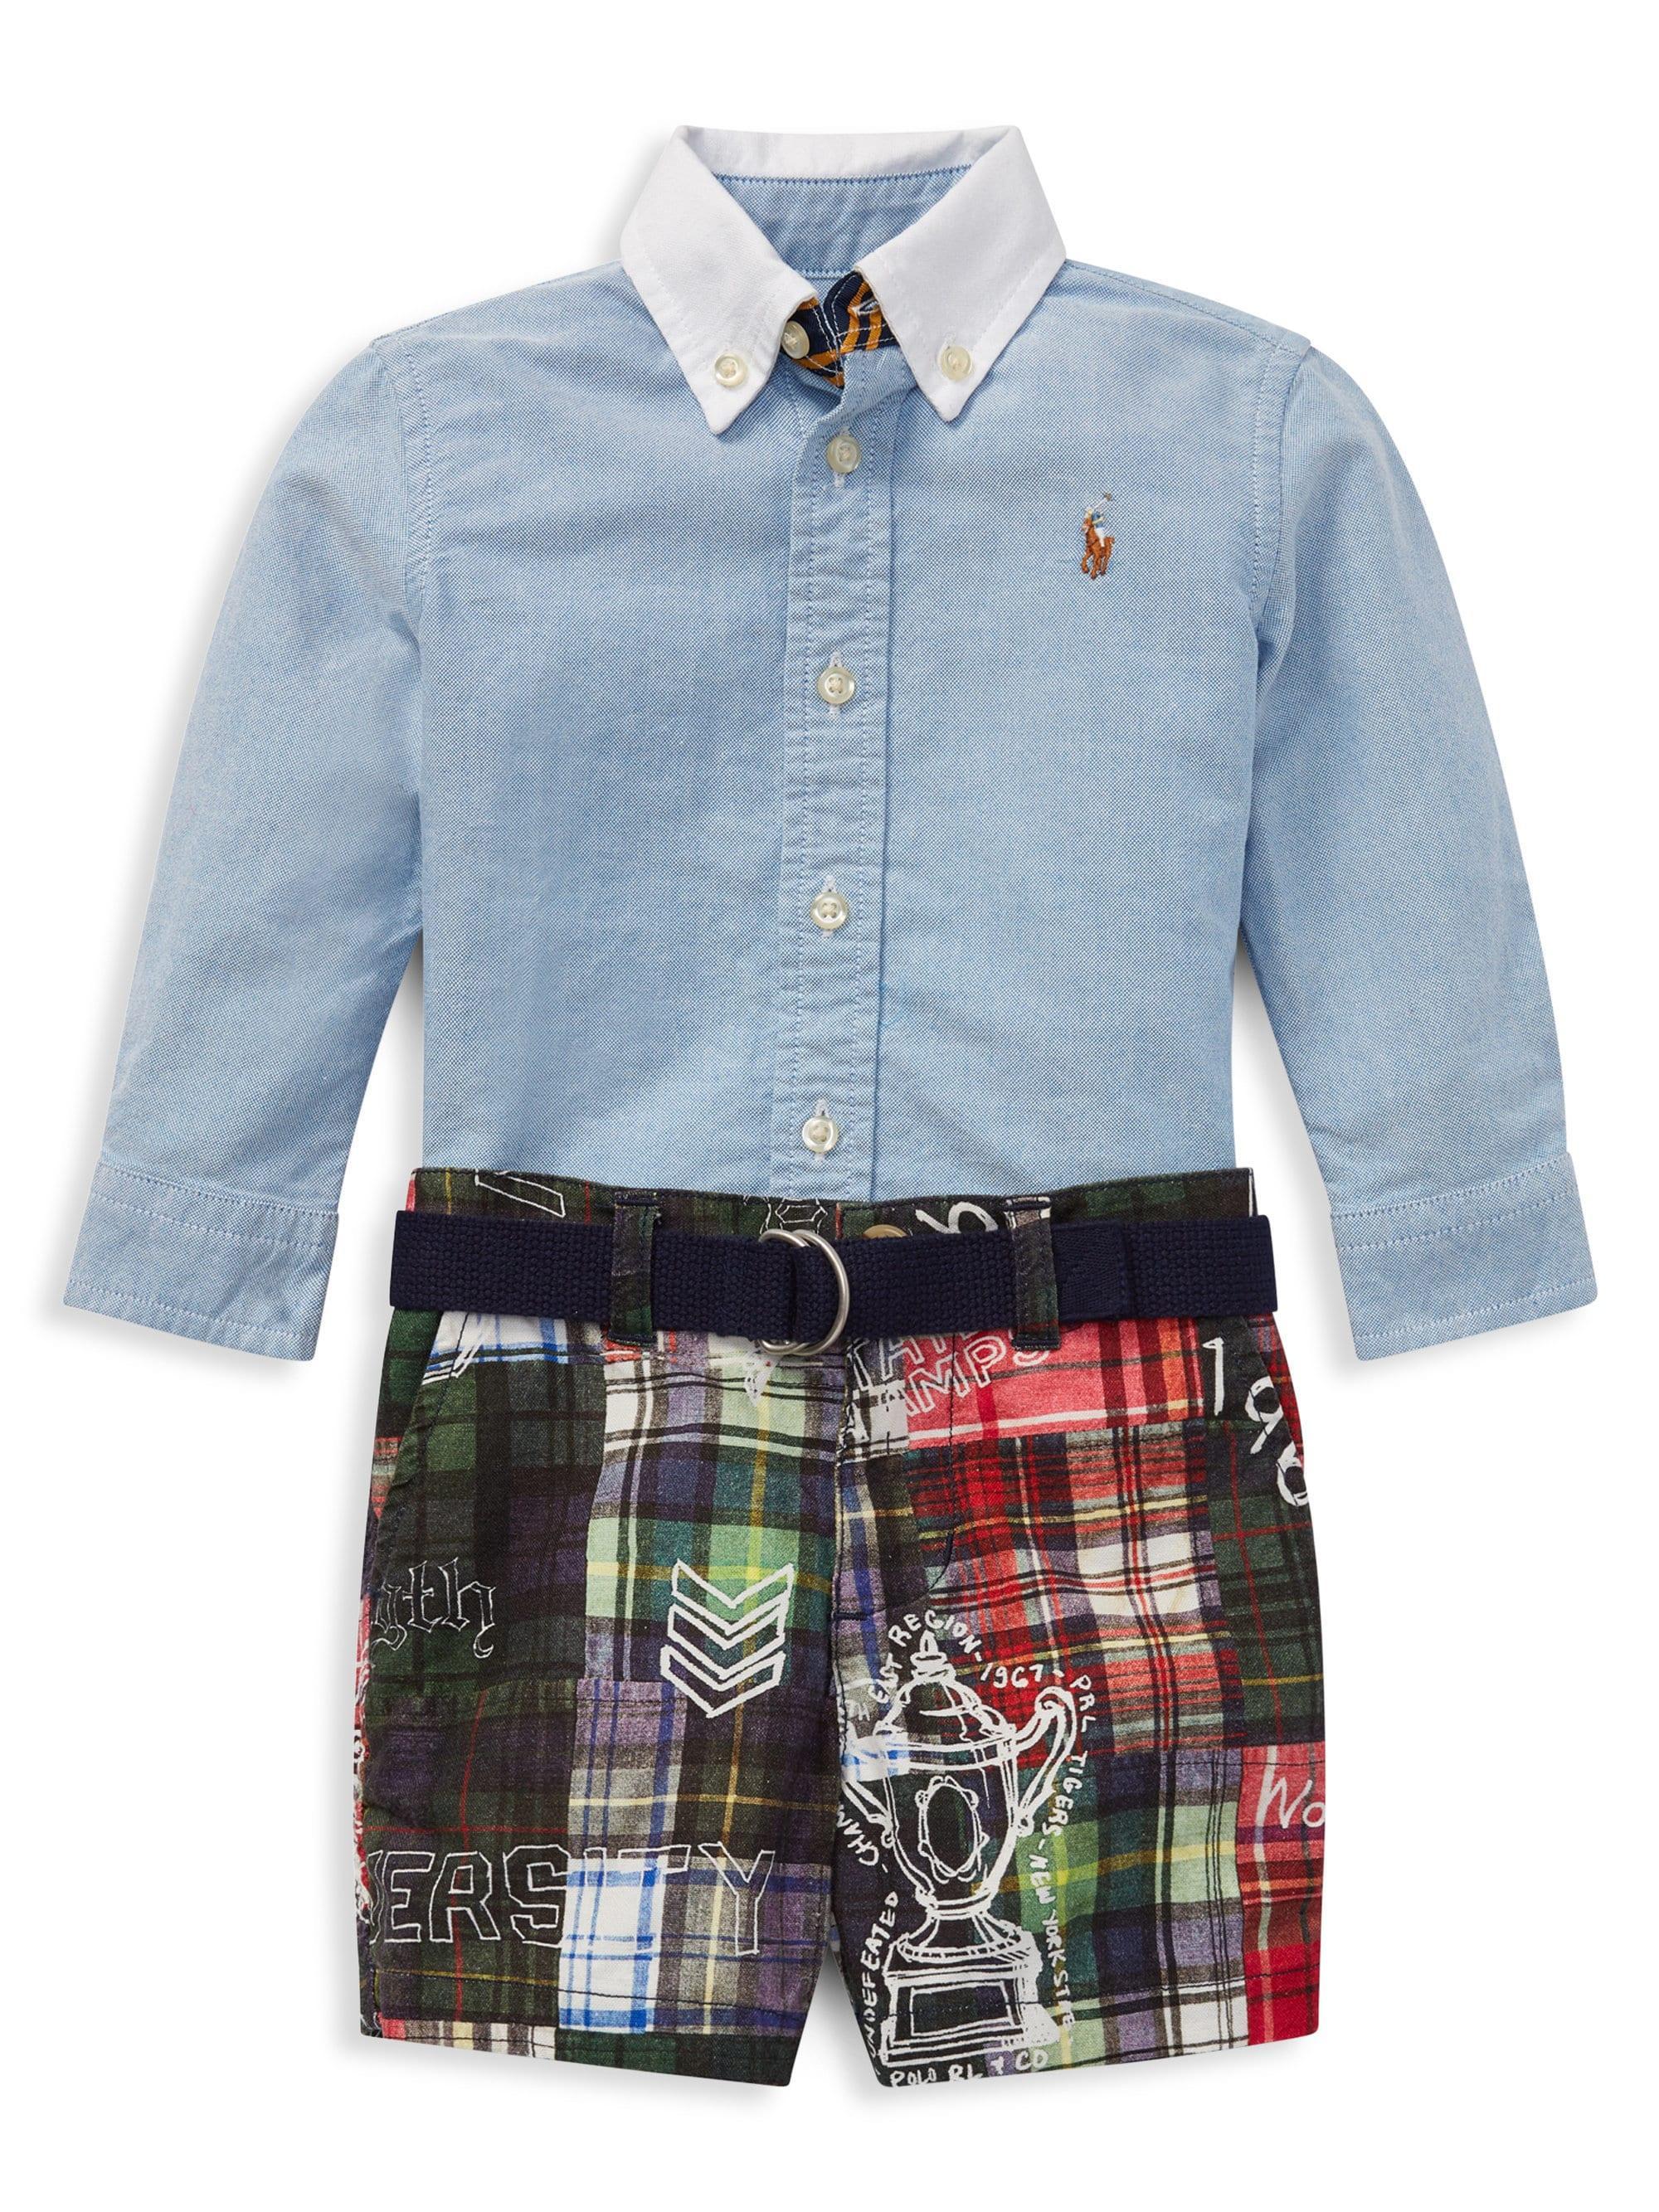 3e516d6d4 Lyst - Ralph Lauren Baby Boy's Three-piece Cotton Collared Shirt ...